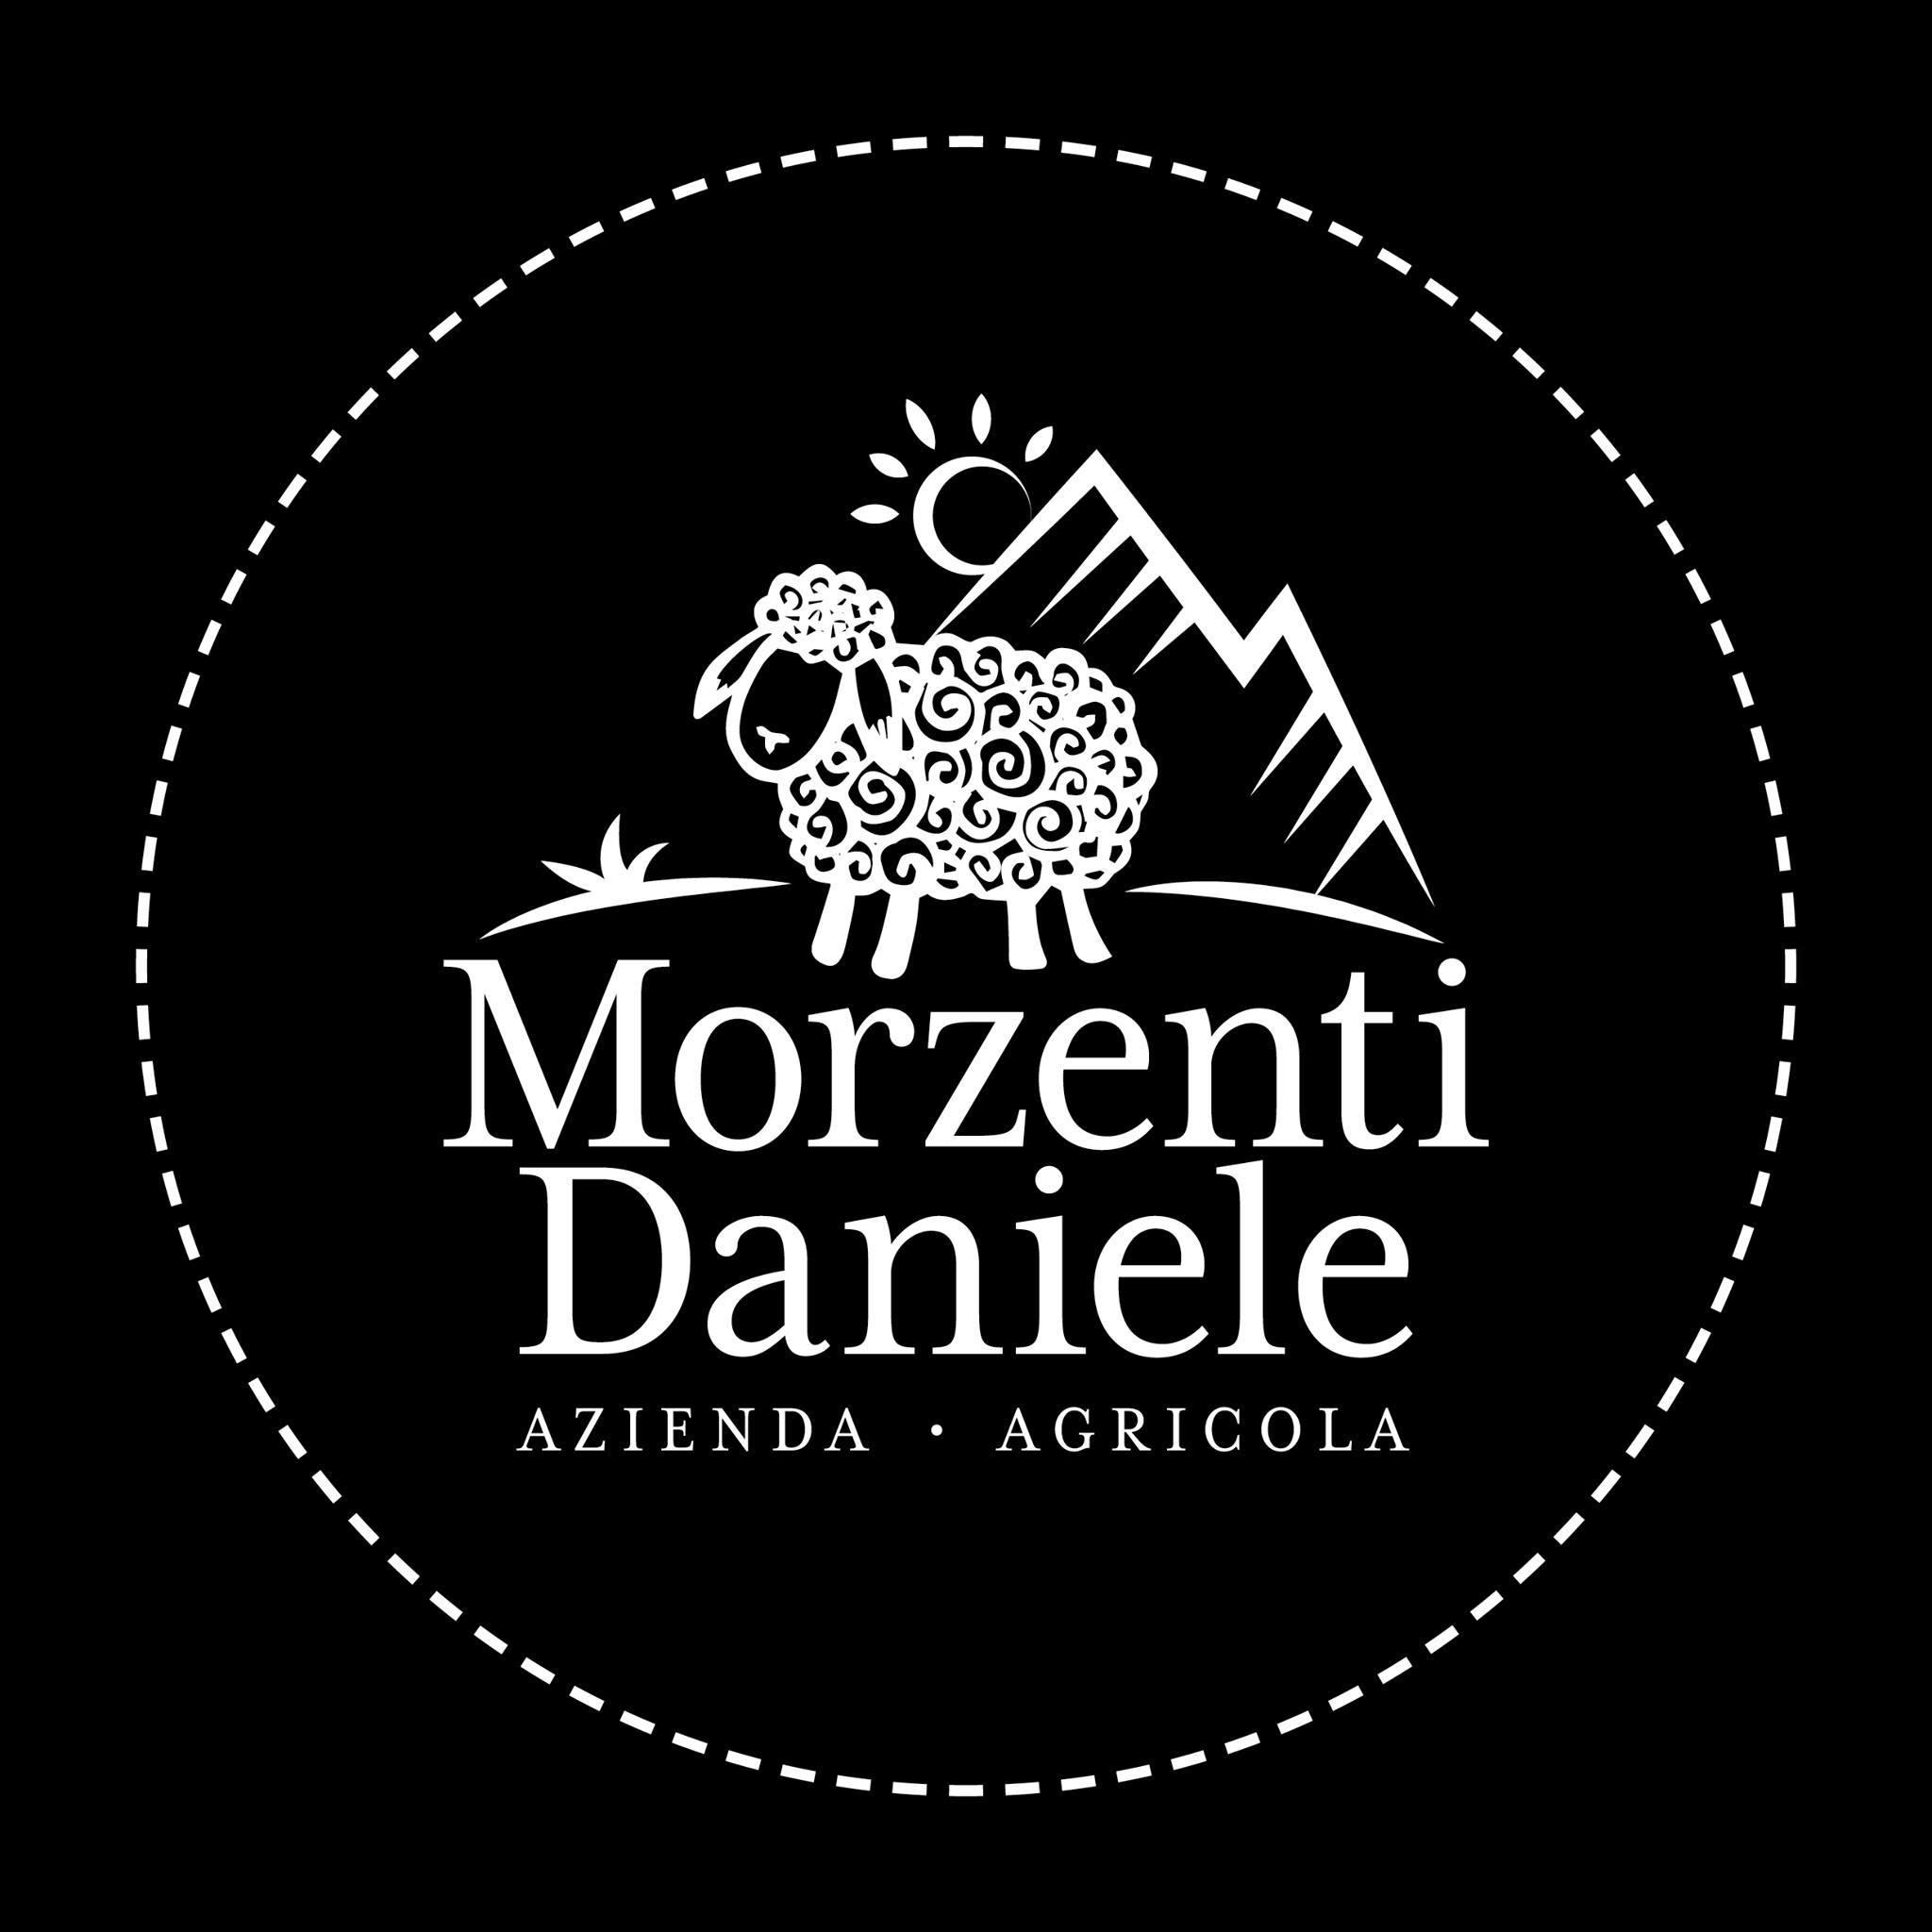 Daniele Morzenti